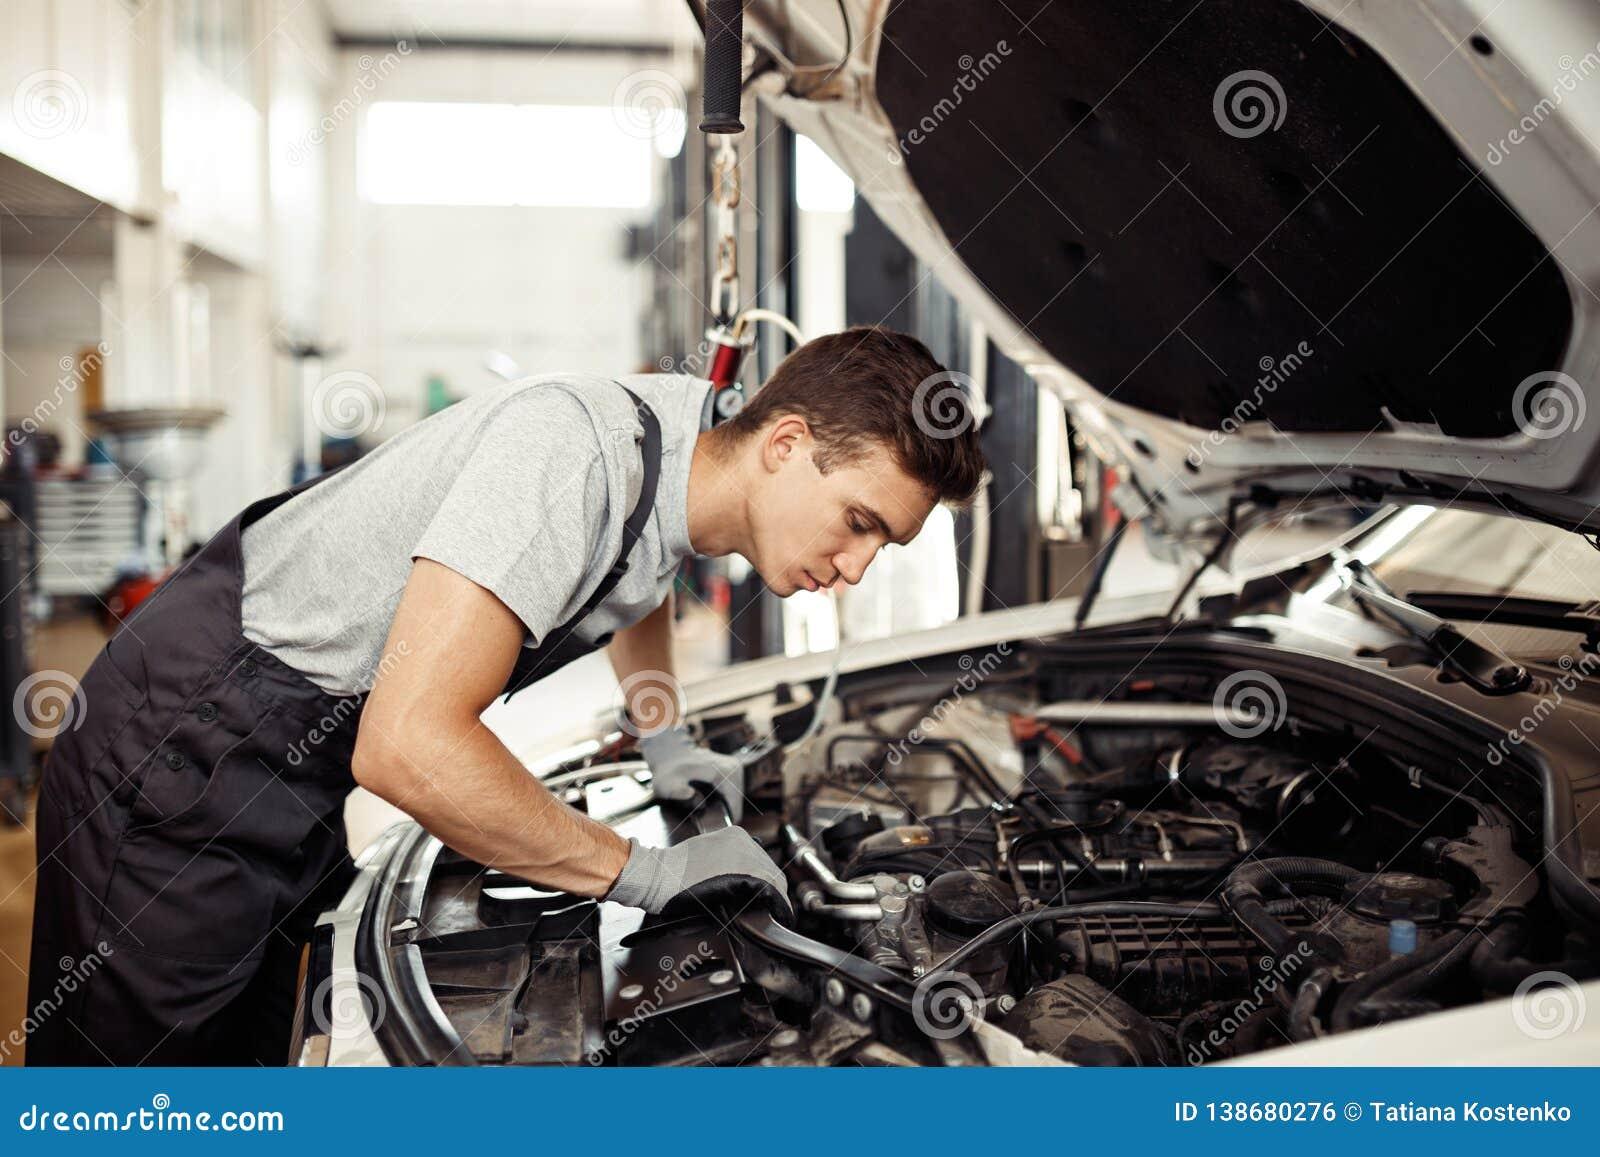 Zbawczy sirst: atrakcyjny samochodowy mechanik sprawdza silnika